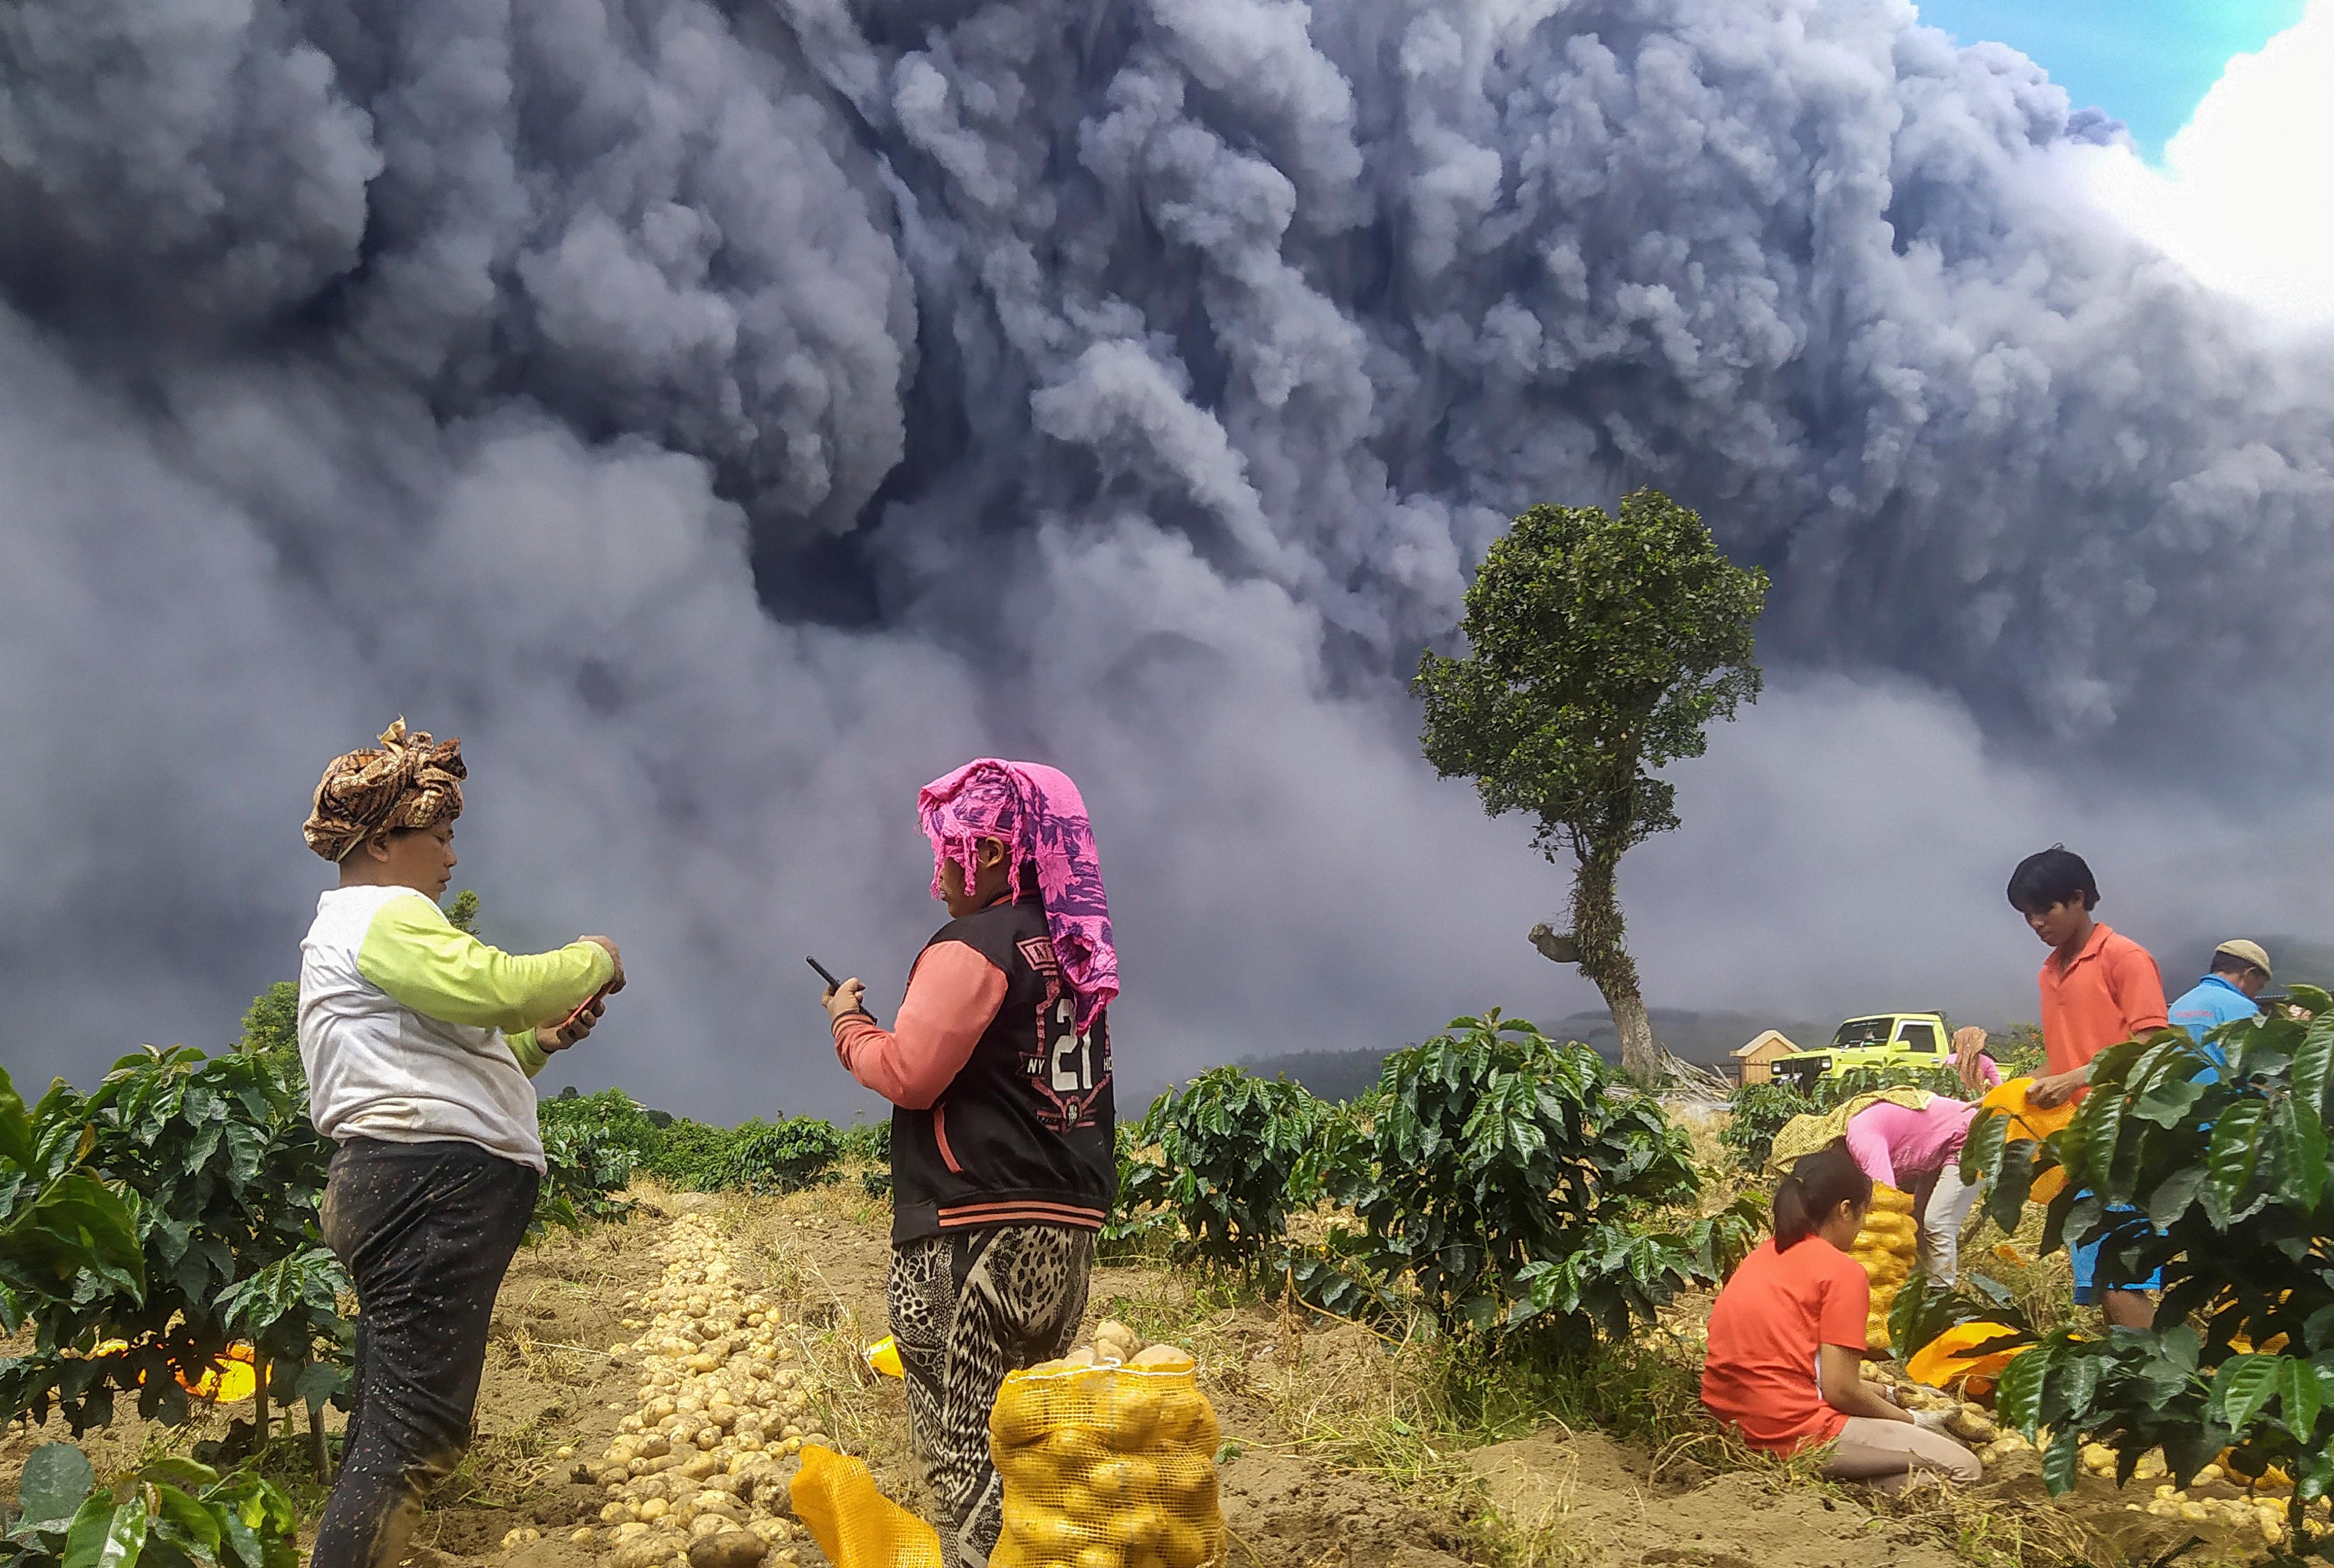 Se aconsejó a los aldeanos mantenerse a 5 kilómetros (3,1 millas) de la boca del cráter y que estén al tanto del peligro de la lava, dijo la agencia. Los viajes aéreos no se han visto afectados hasta ahora por las cenizas, dijo el Ministerio de Transporte. (Antara Foto/Sastrawan Ginting/ via REUTERS)